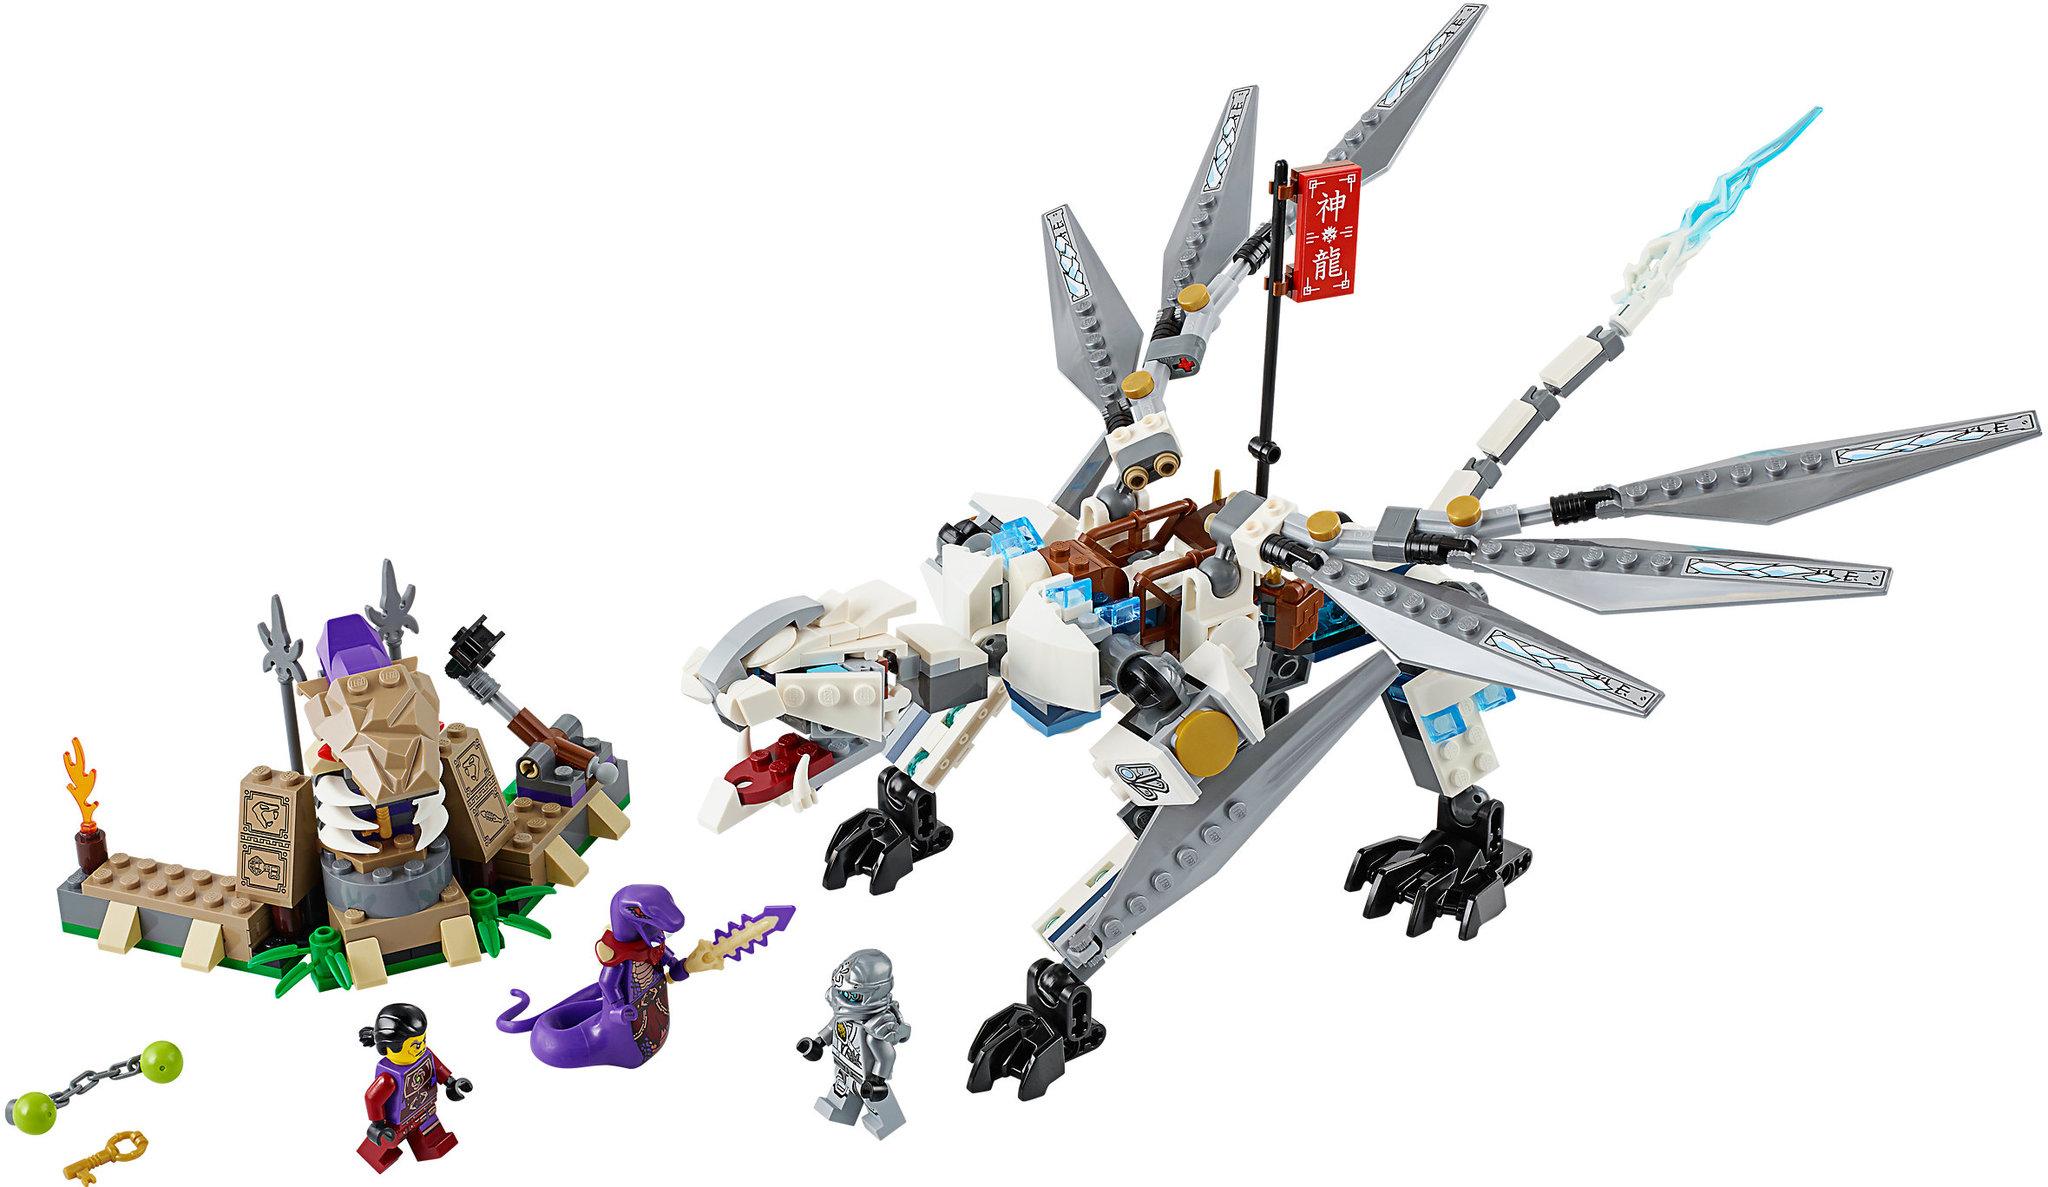 38db6082ac9b0 LEGO Ninjago 70748 - Titanium Dragon   Mattonito